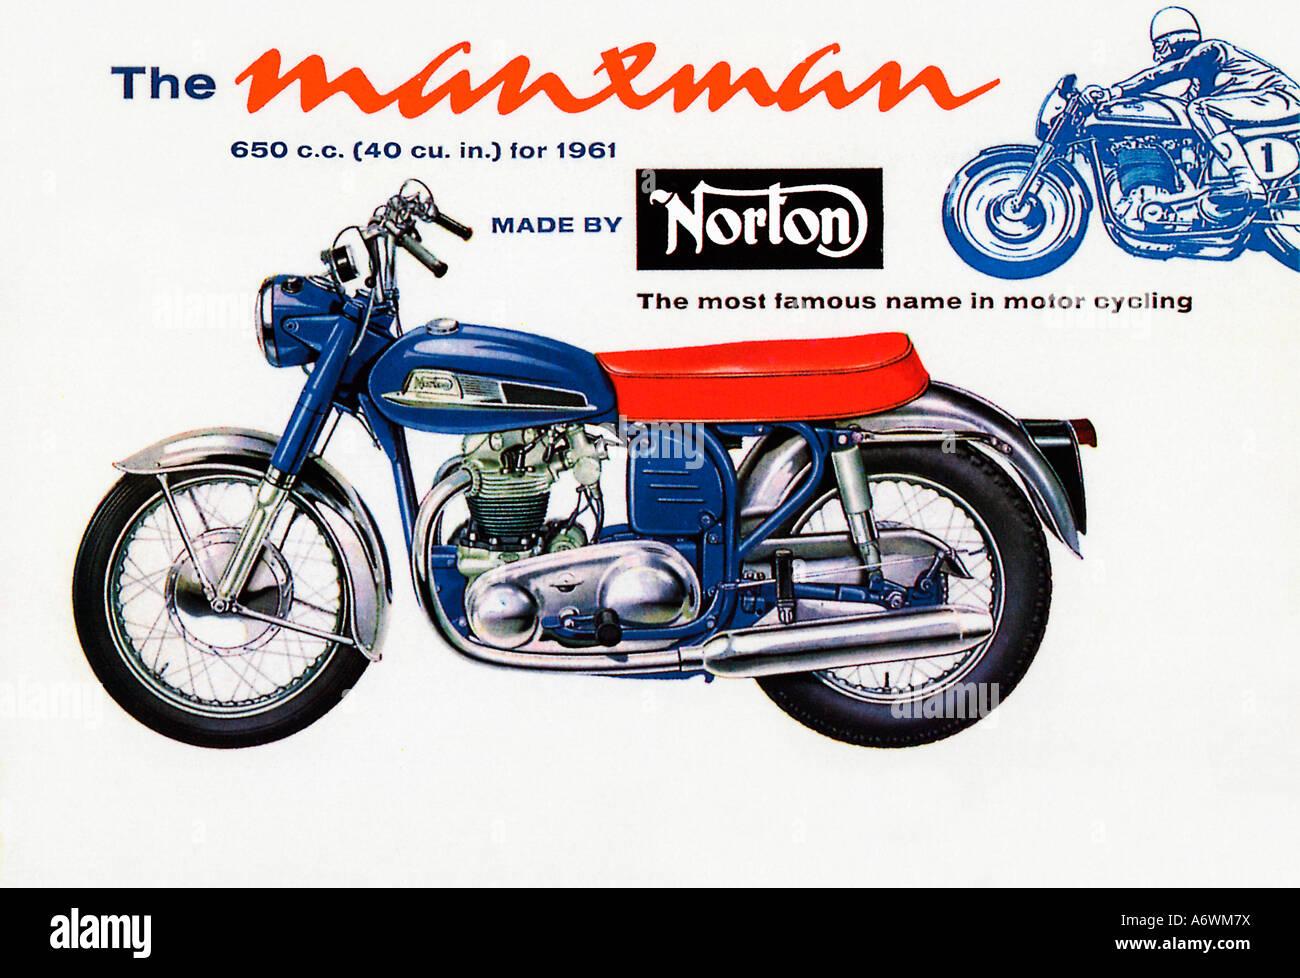 Manxman Norton 1961 Publicité pour le célèbre cycle de moteur Anglais comme vu dans l'île Photo Stock